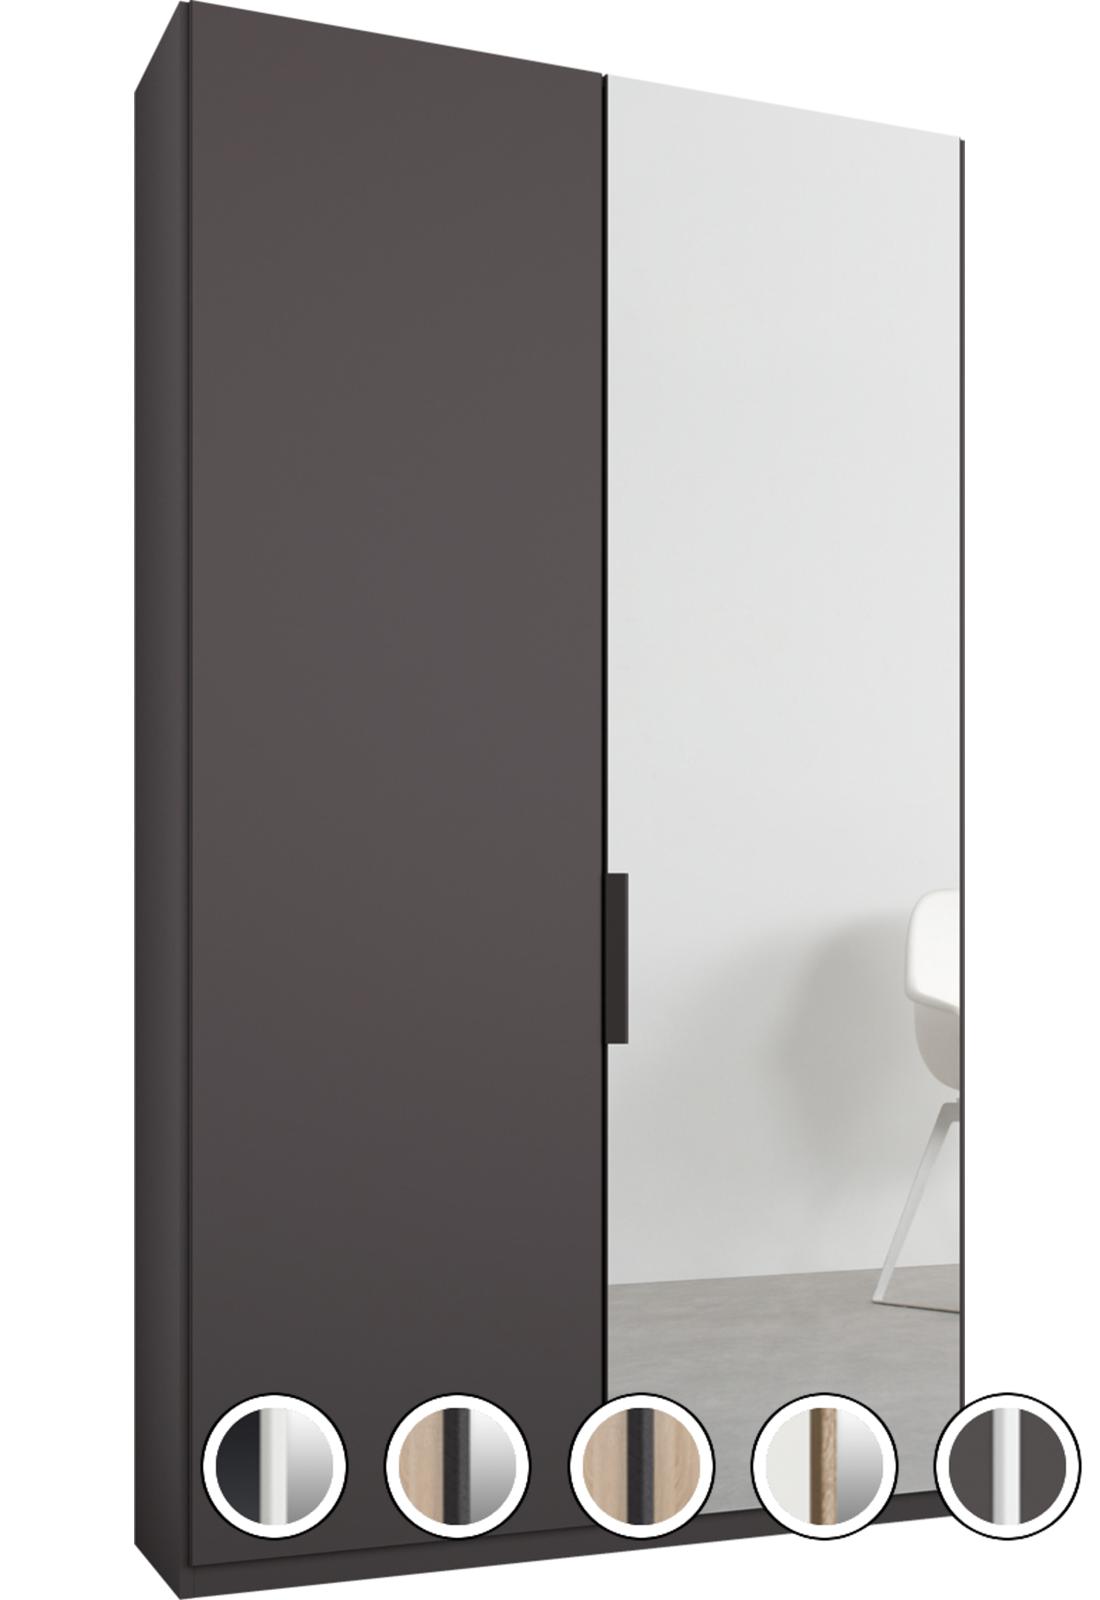 Caren 2 Door 100cm Hinged Wardrobe Graphite Grey Frame Matte Graphite Grey Mirror Doors Standard Interior Mirror Door Mirror Hanging Rail